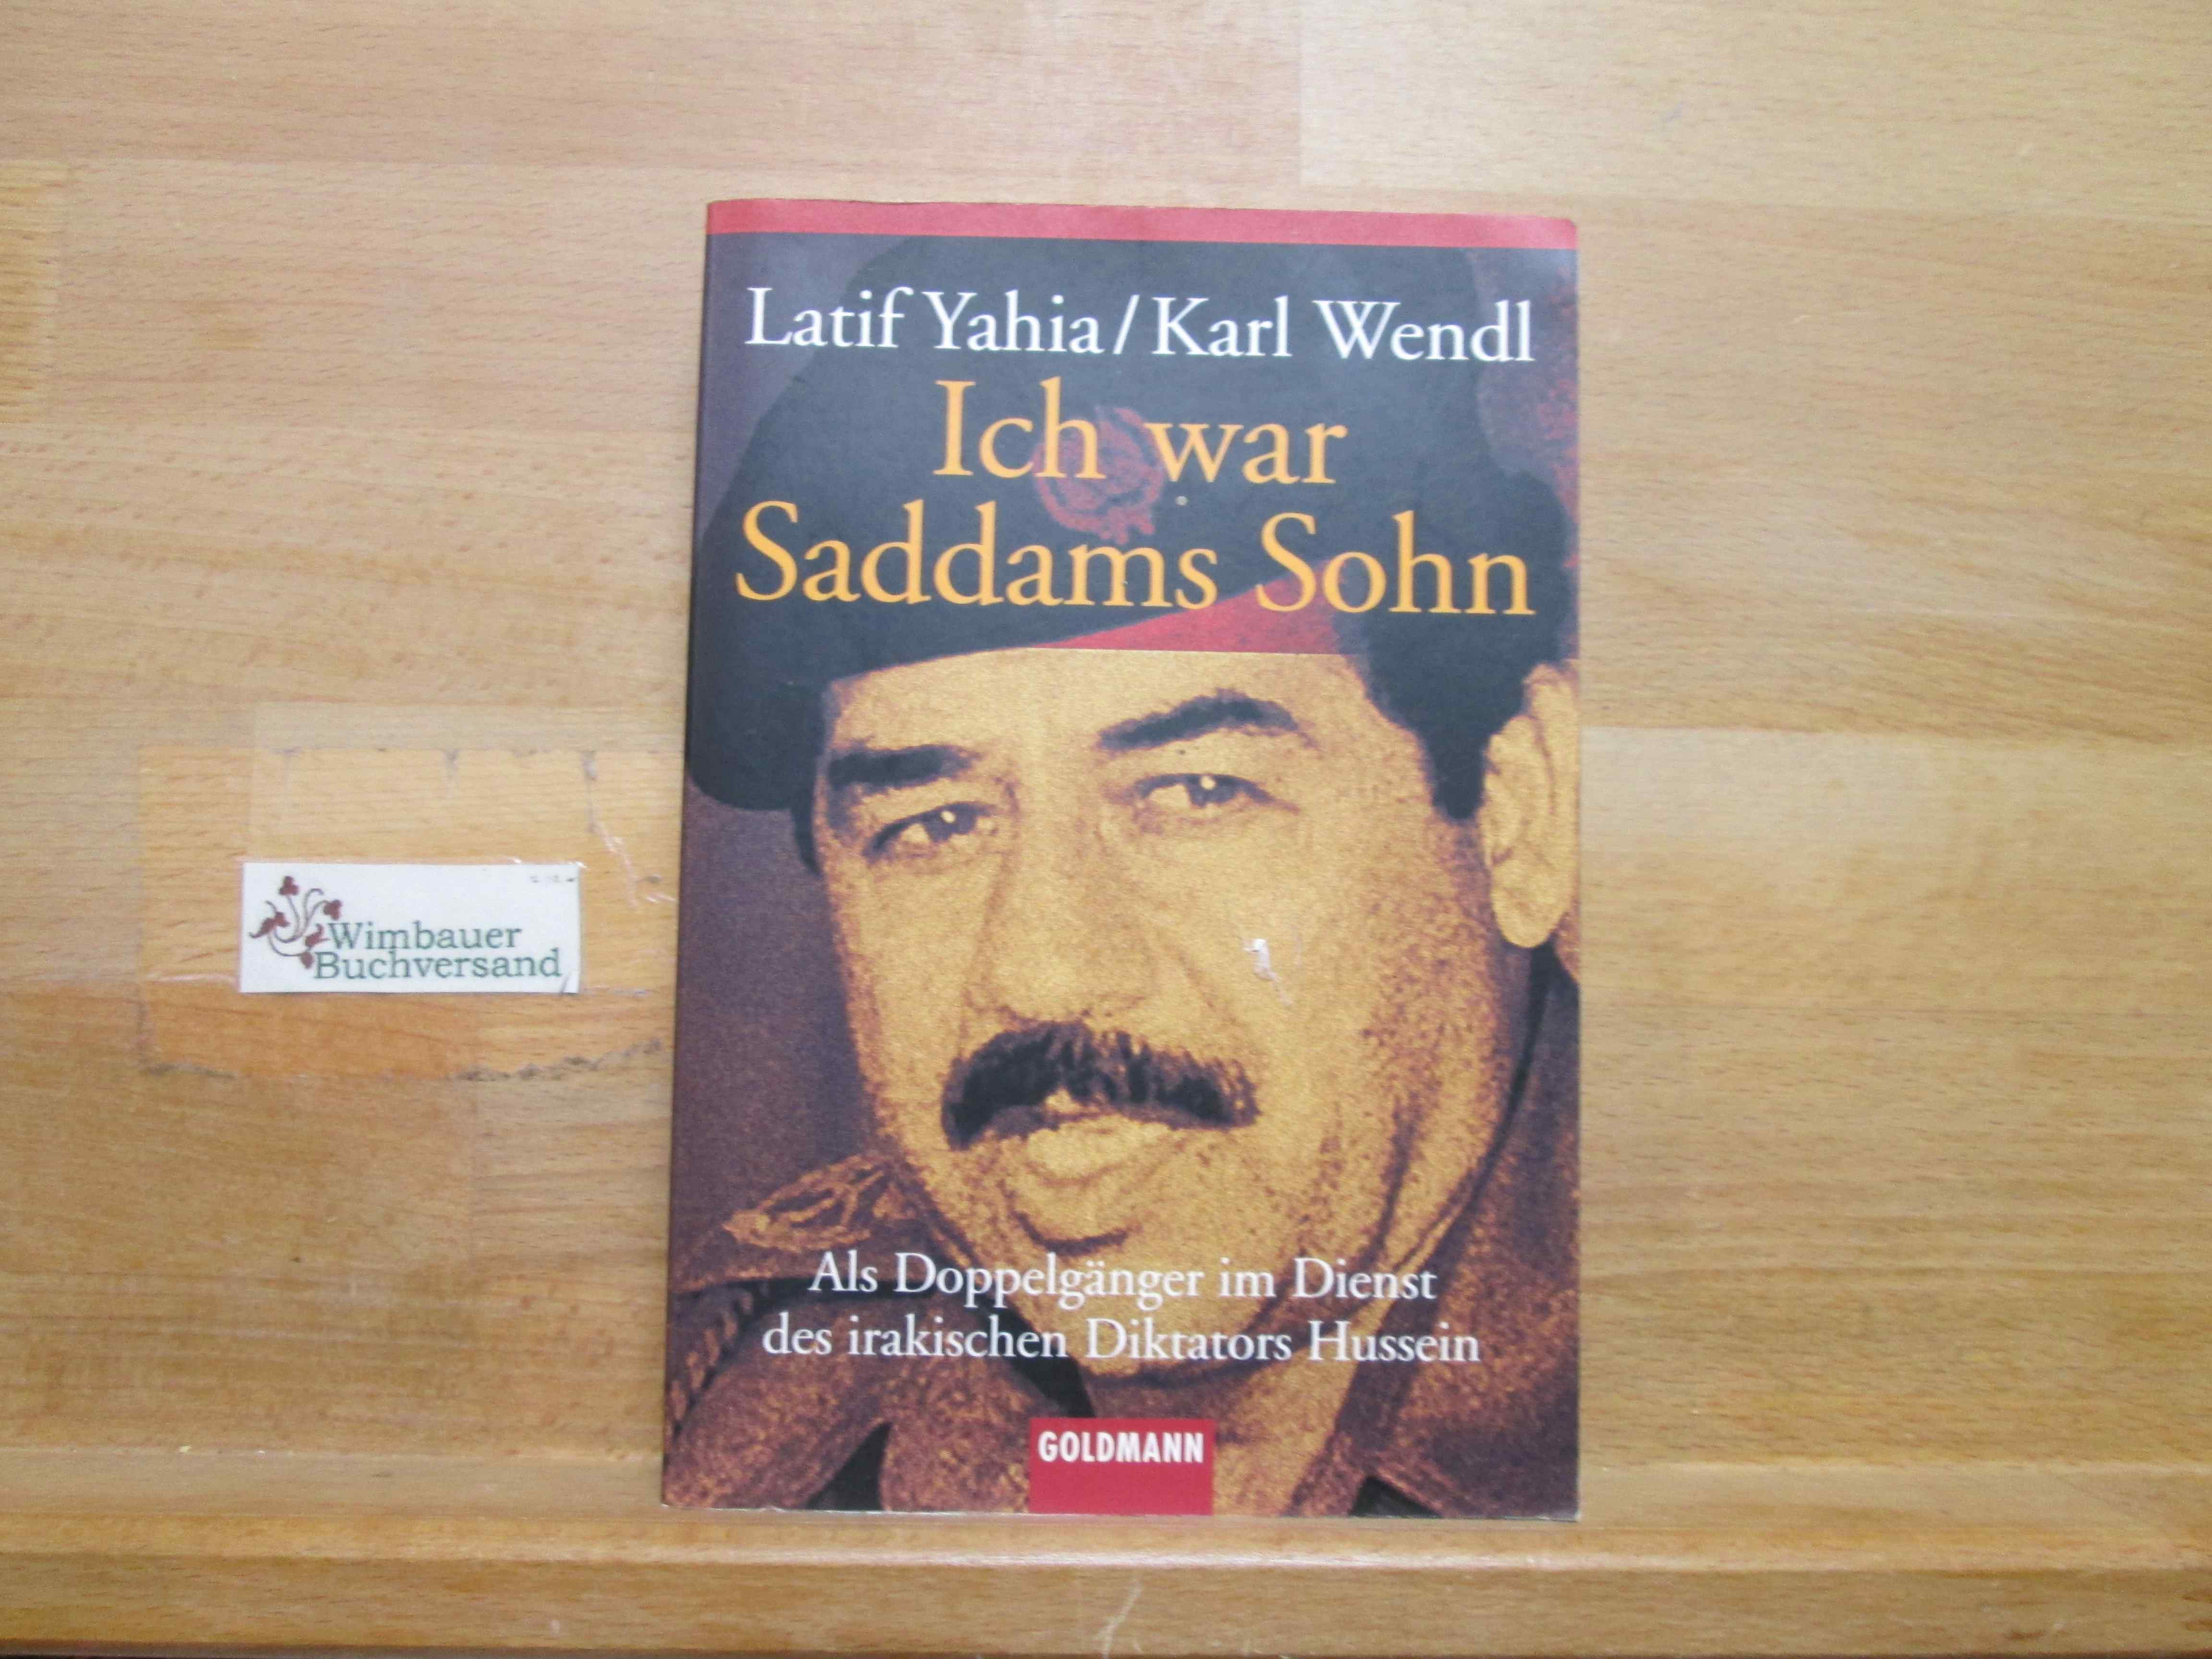 Ich war Saddams Sohn : als Doppelgänger im Dienst des irakischen Diktators Hussein. Latif Yahia ; Karl Wendl / Goldmann ; 15249 6. Aufl.